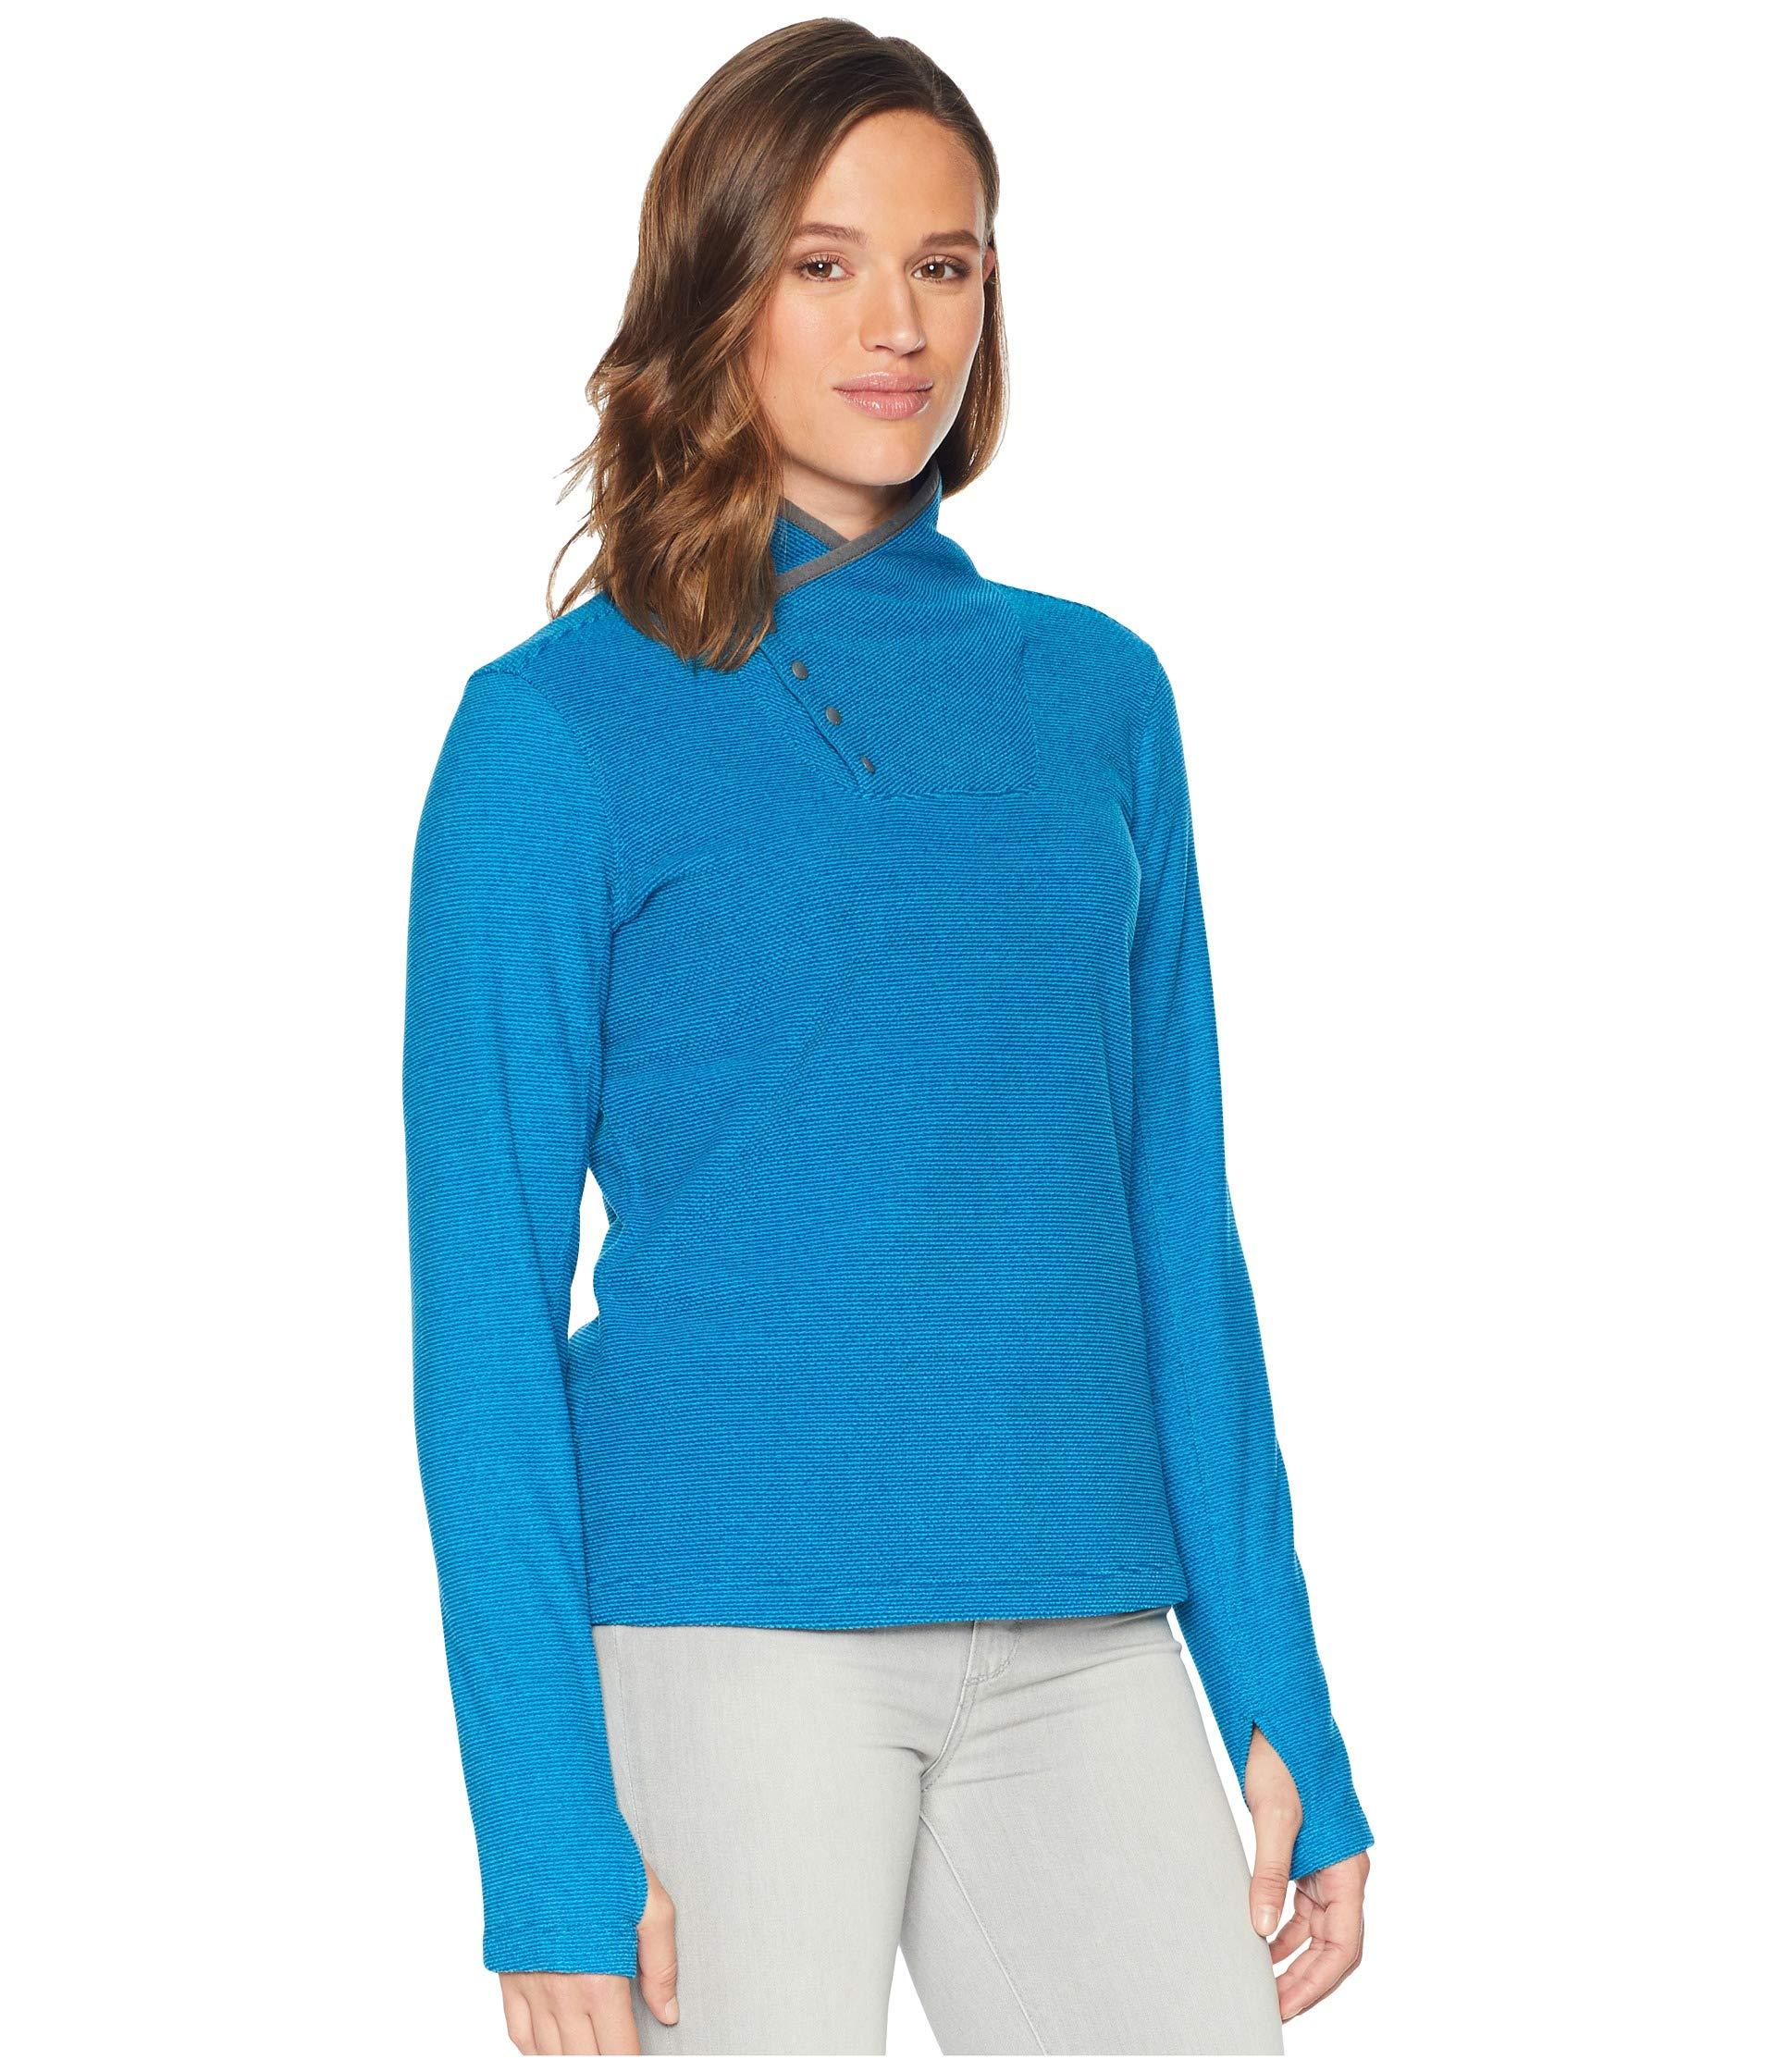 Sierra Fleece Blacktail Blue White Havana Pullover neck Snap dxHWfwP